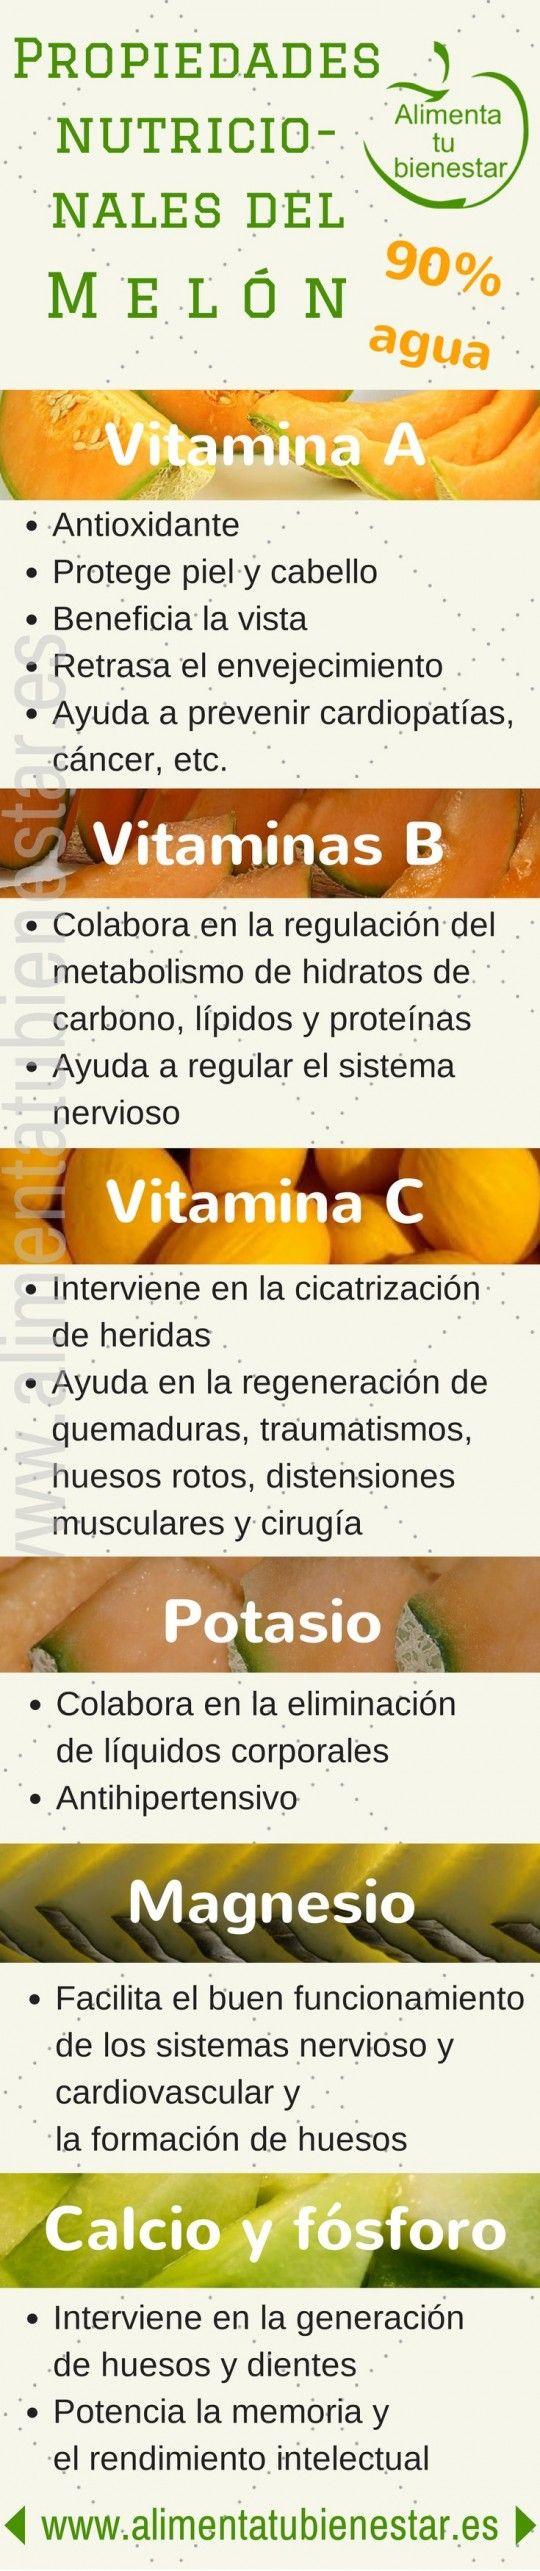 Propiedades nutricionales del melón